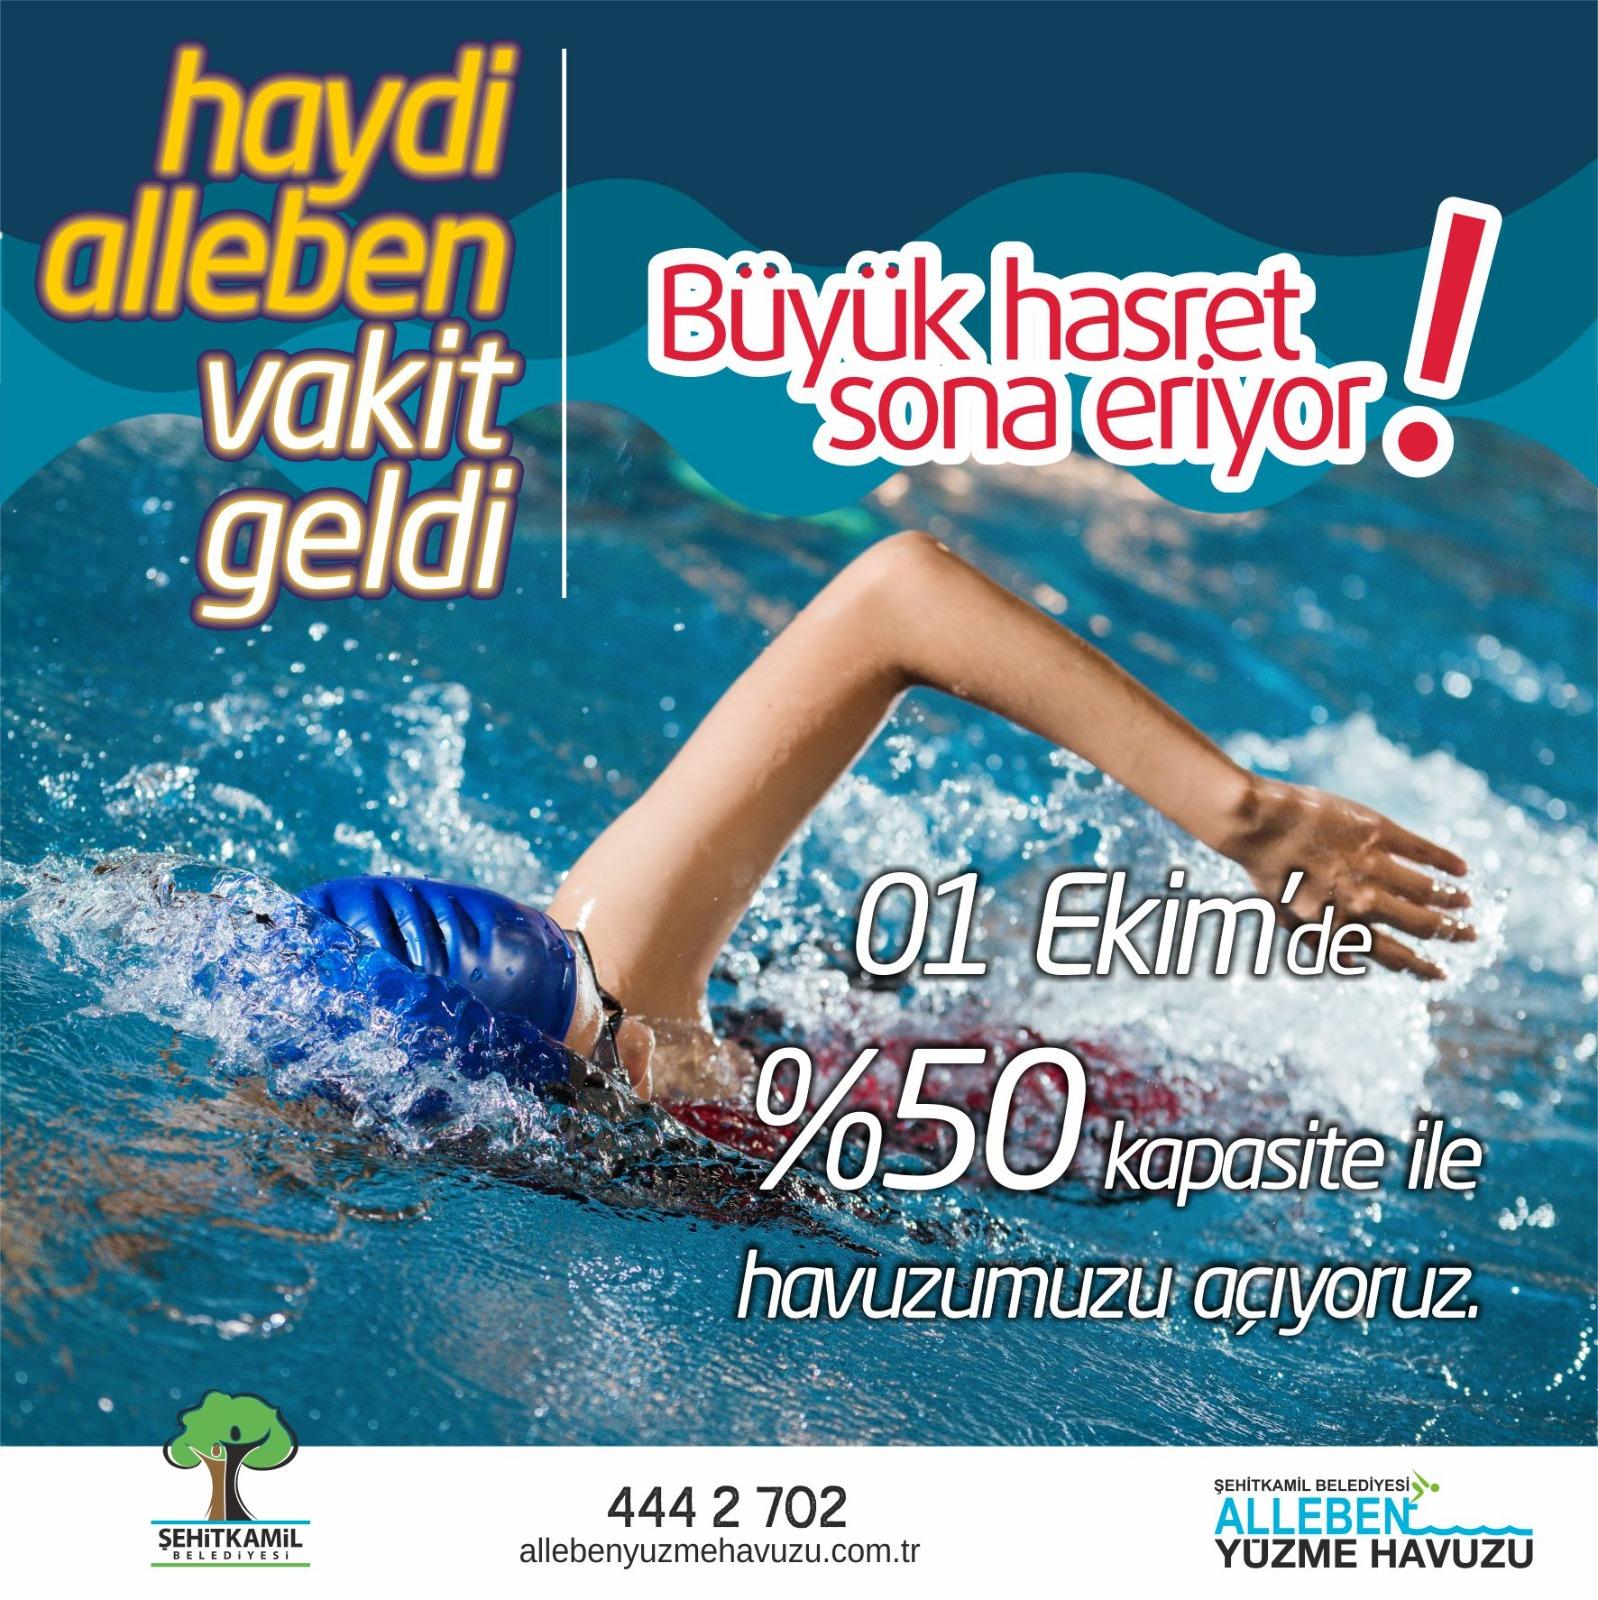 5637042e-6ab7-48cd-913b-57fd5549ea84